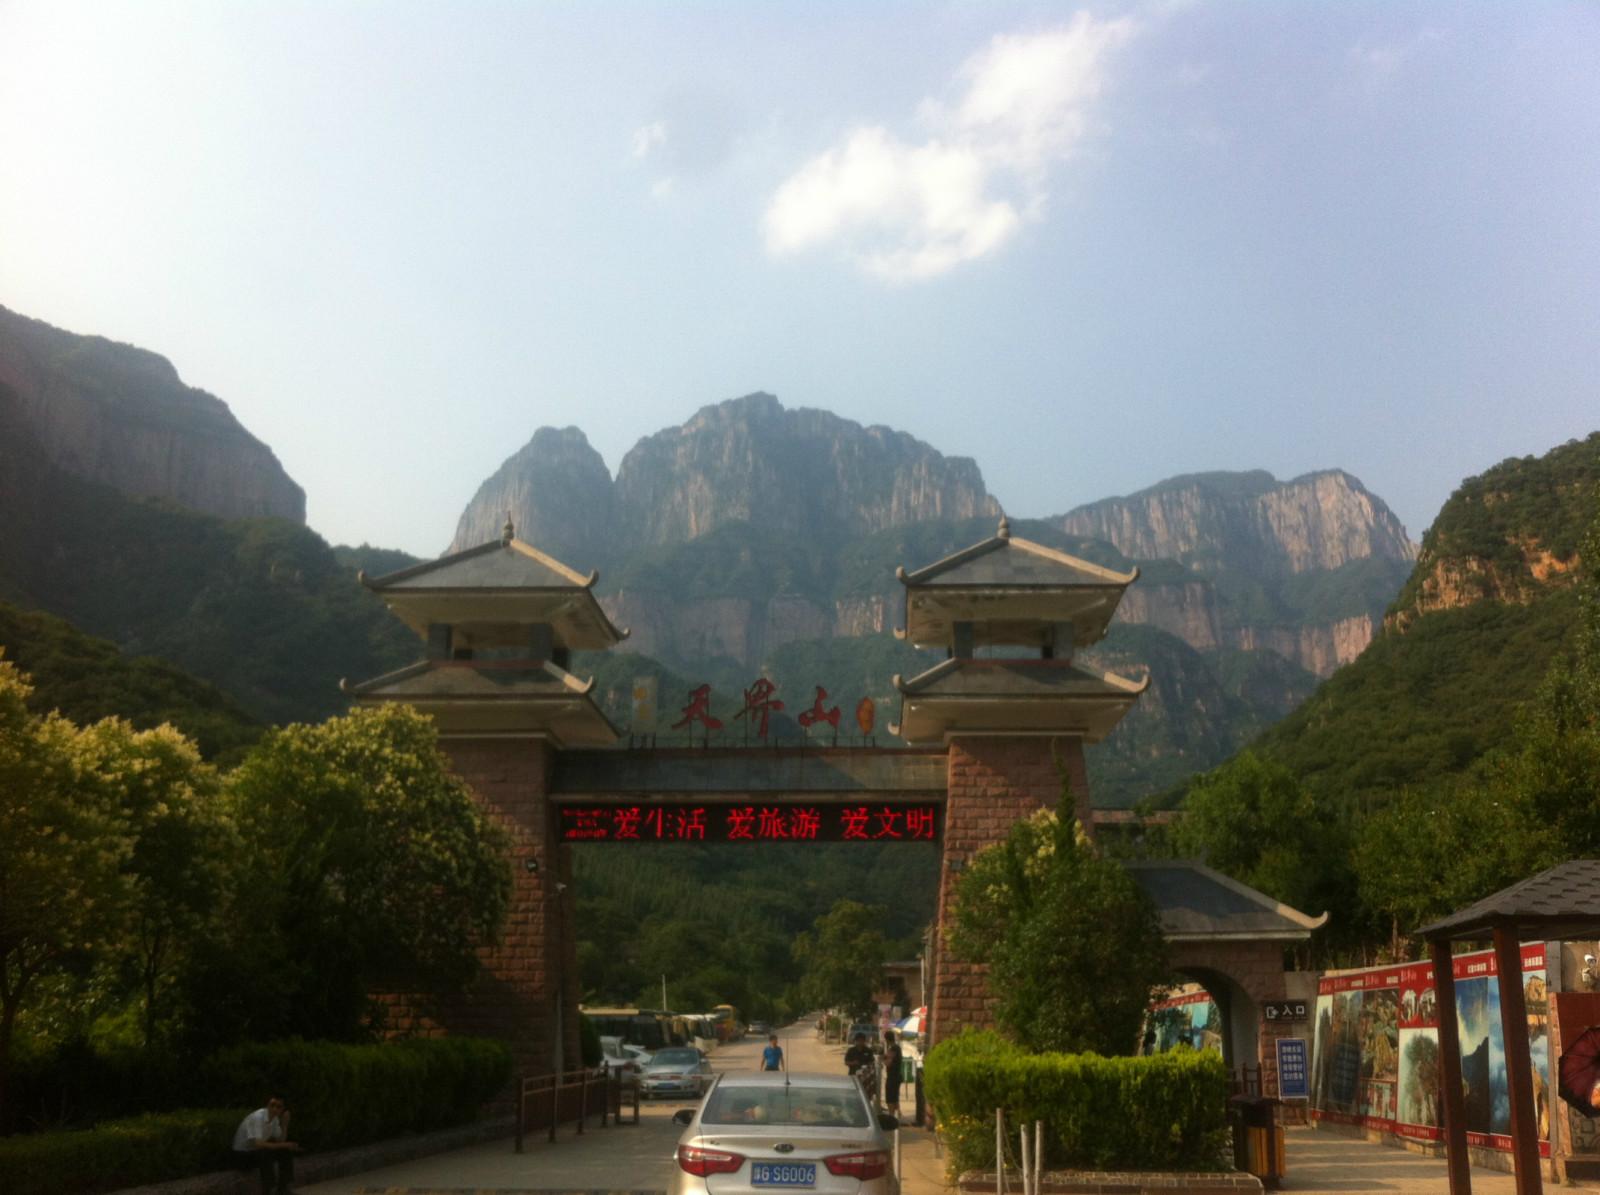 河南天界山景区大门,过了这座山就是山西境内,要通过挂壁公路翻过背景